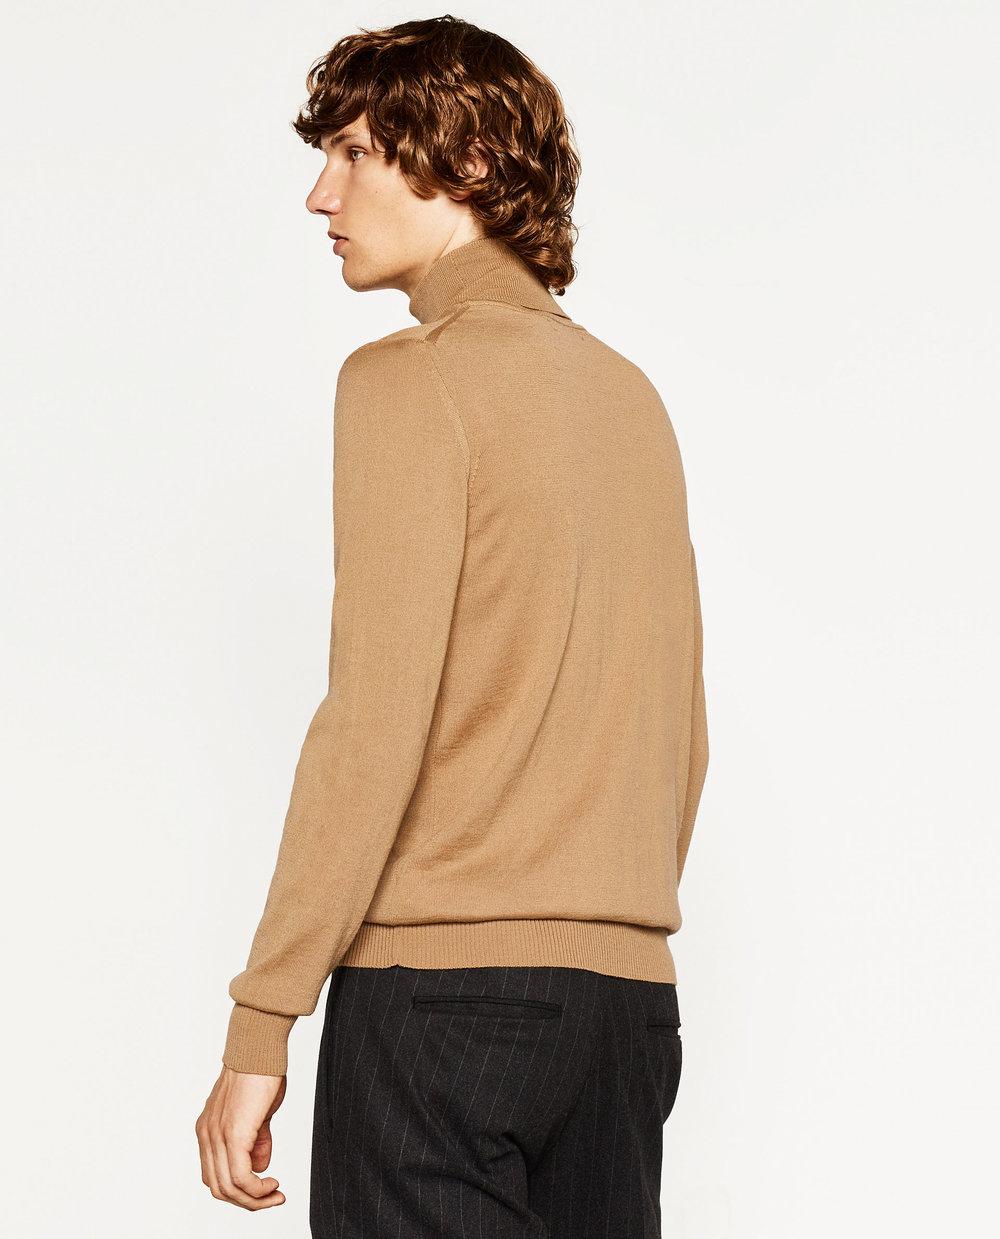 Zara $35.90